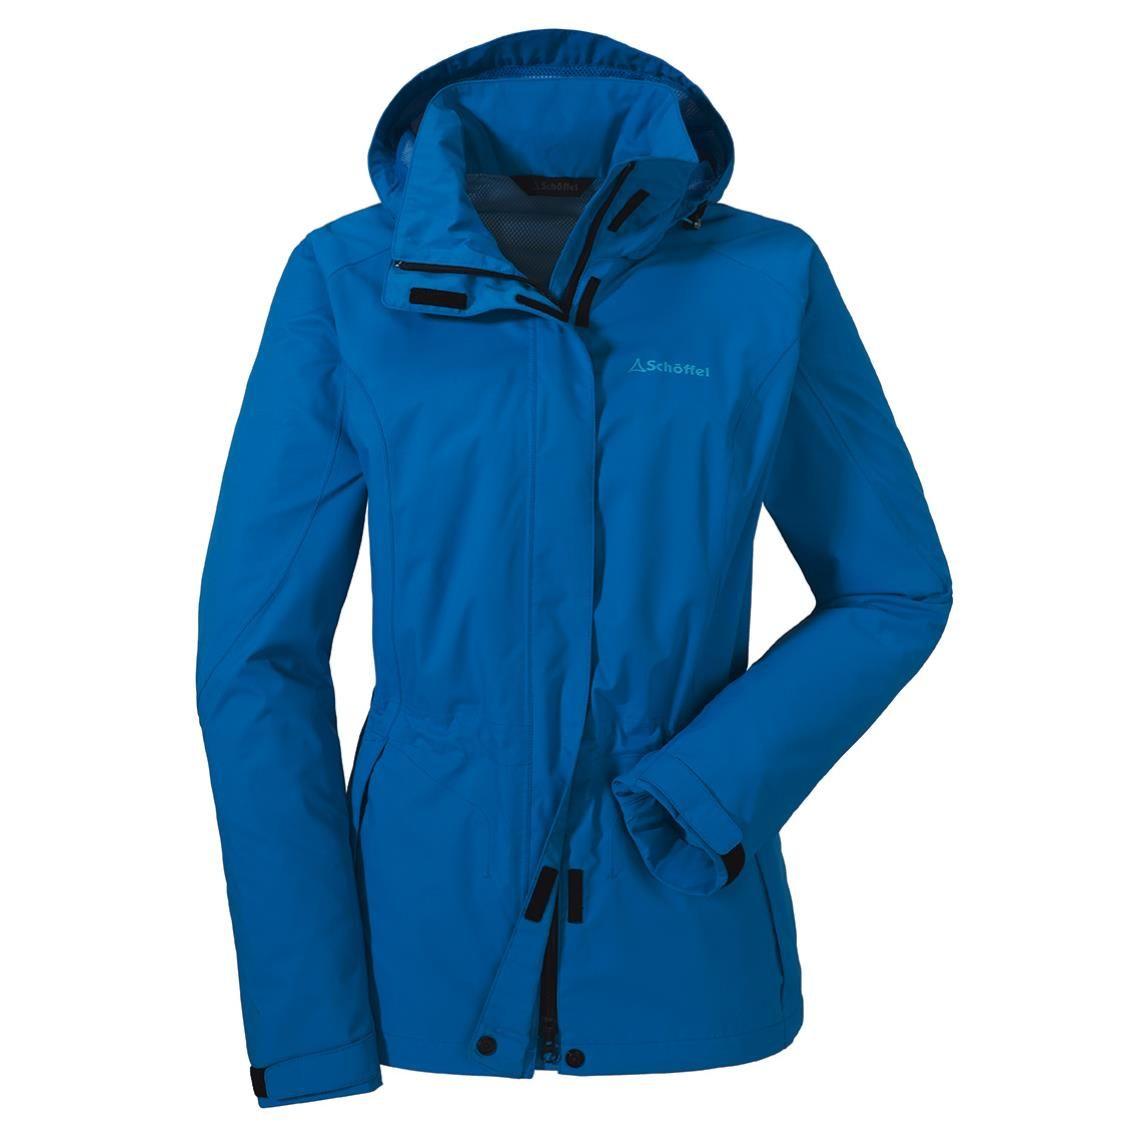 Xtend Schöffel Funktionsjacke Angebote Cadiz R4a5lj Damen Jacke GUMSzVLpq